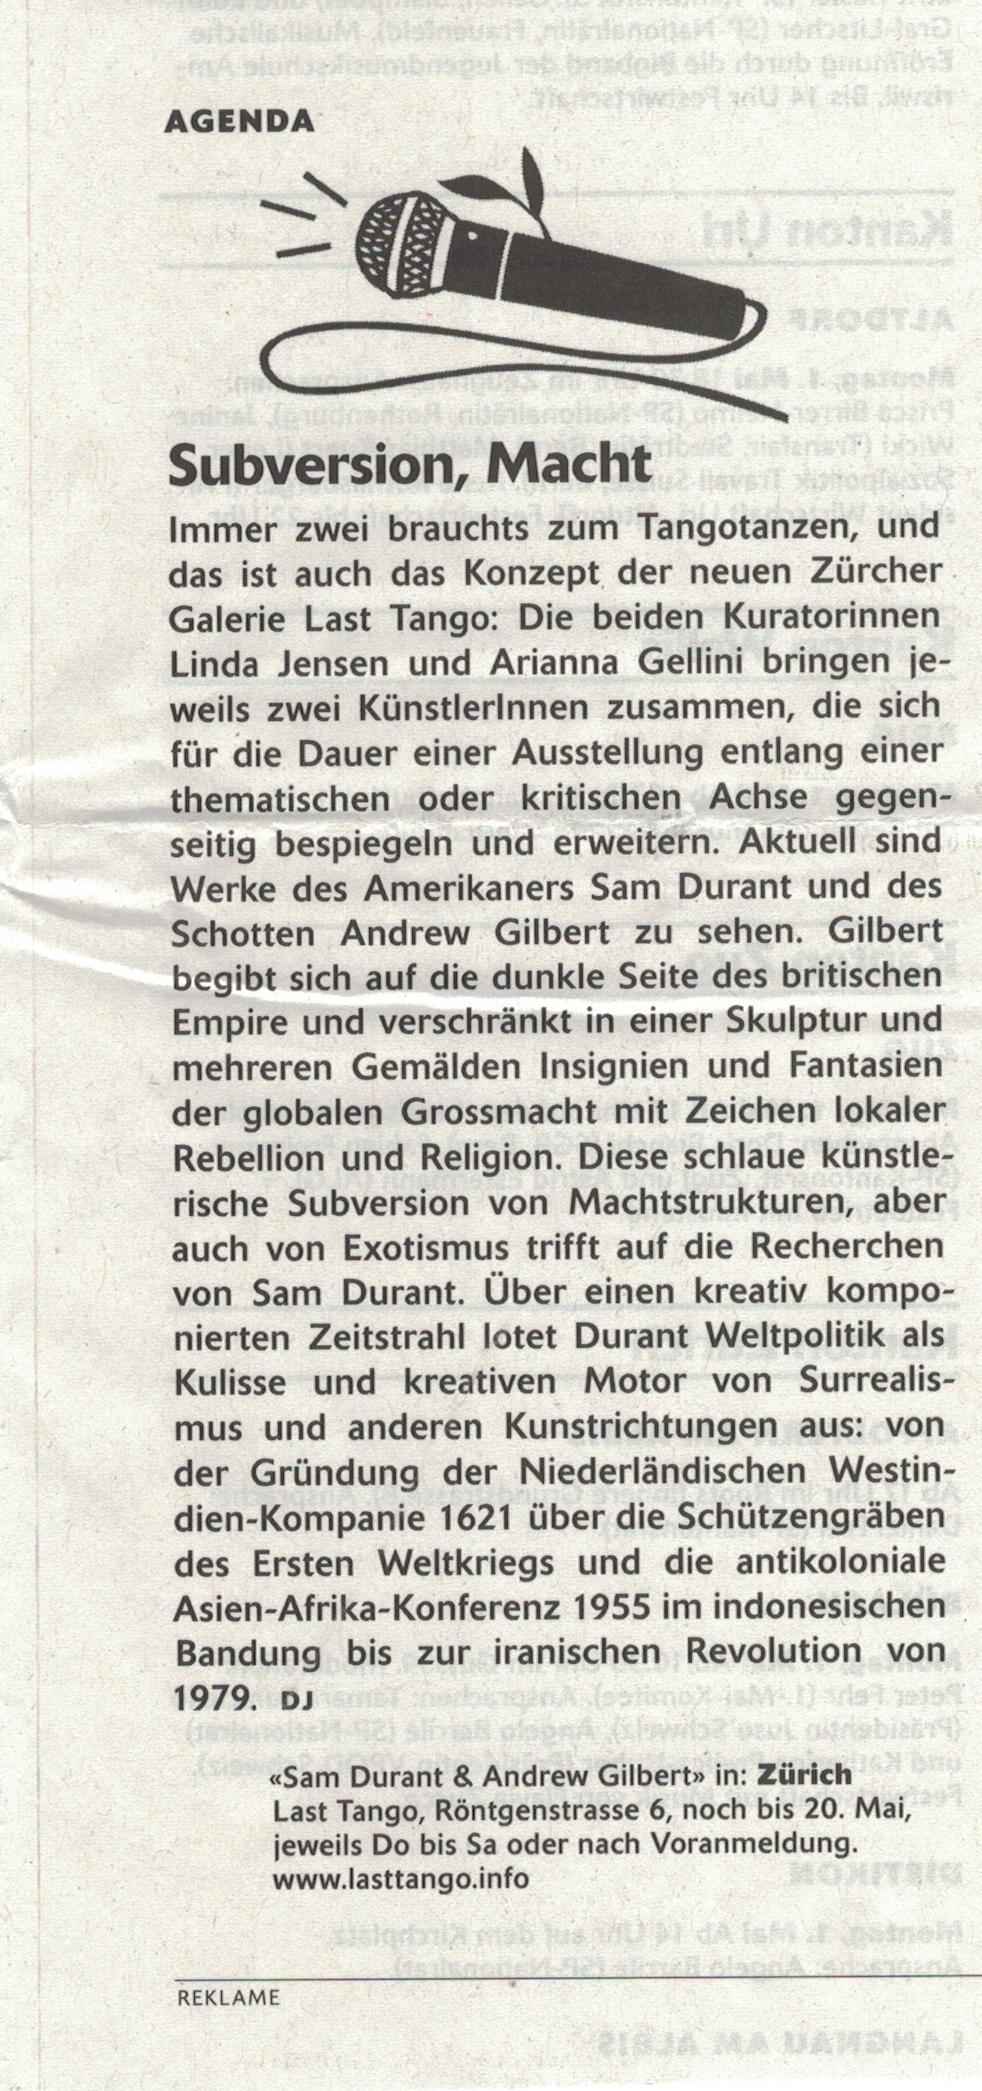 WOZ Die Wochenzeitung, 27/04/17 by Daniela Janser -